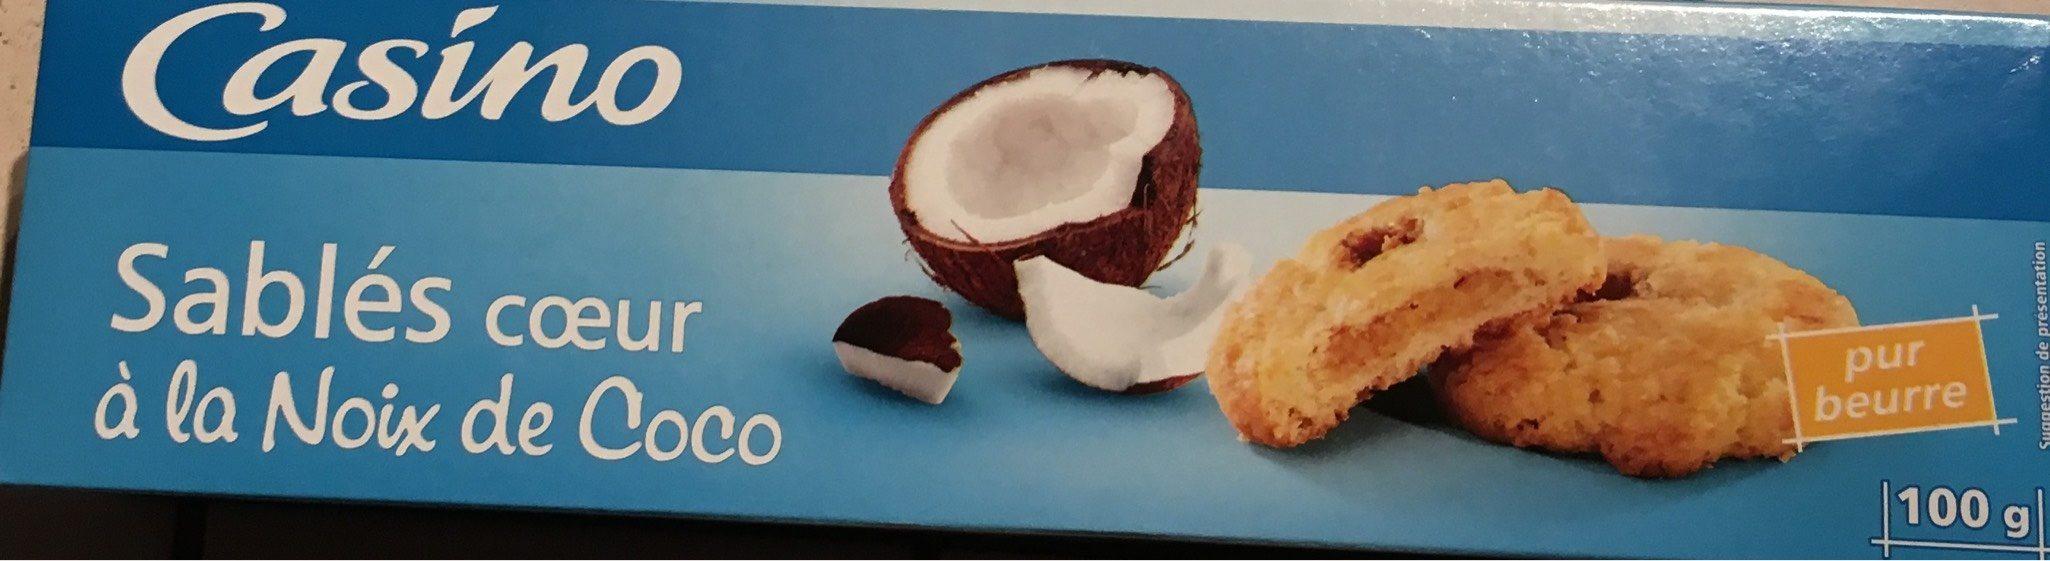 Sablés coeur saveur noix de coco - Produit - fr